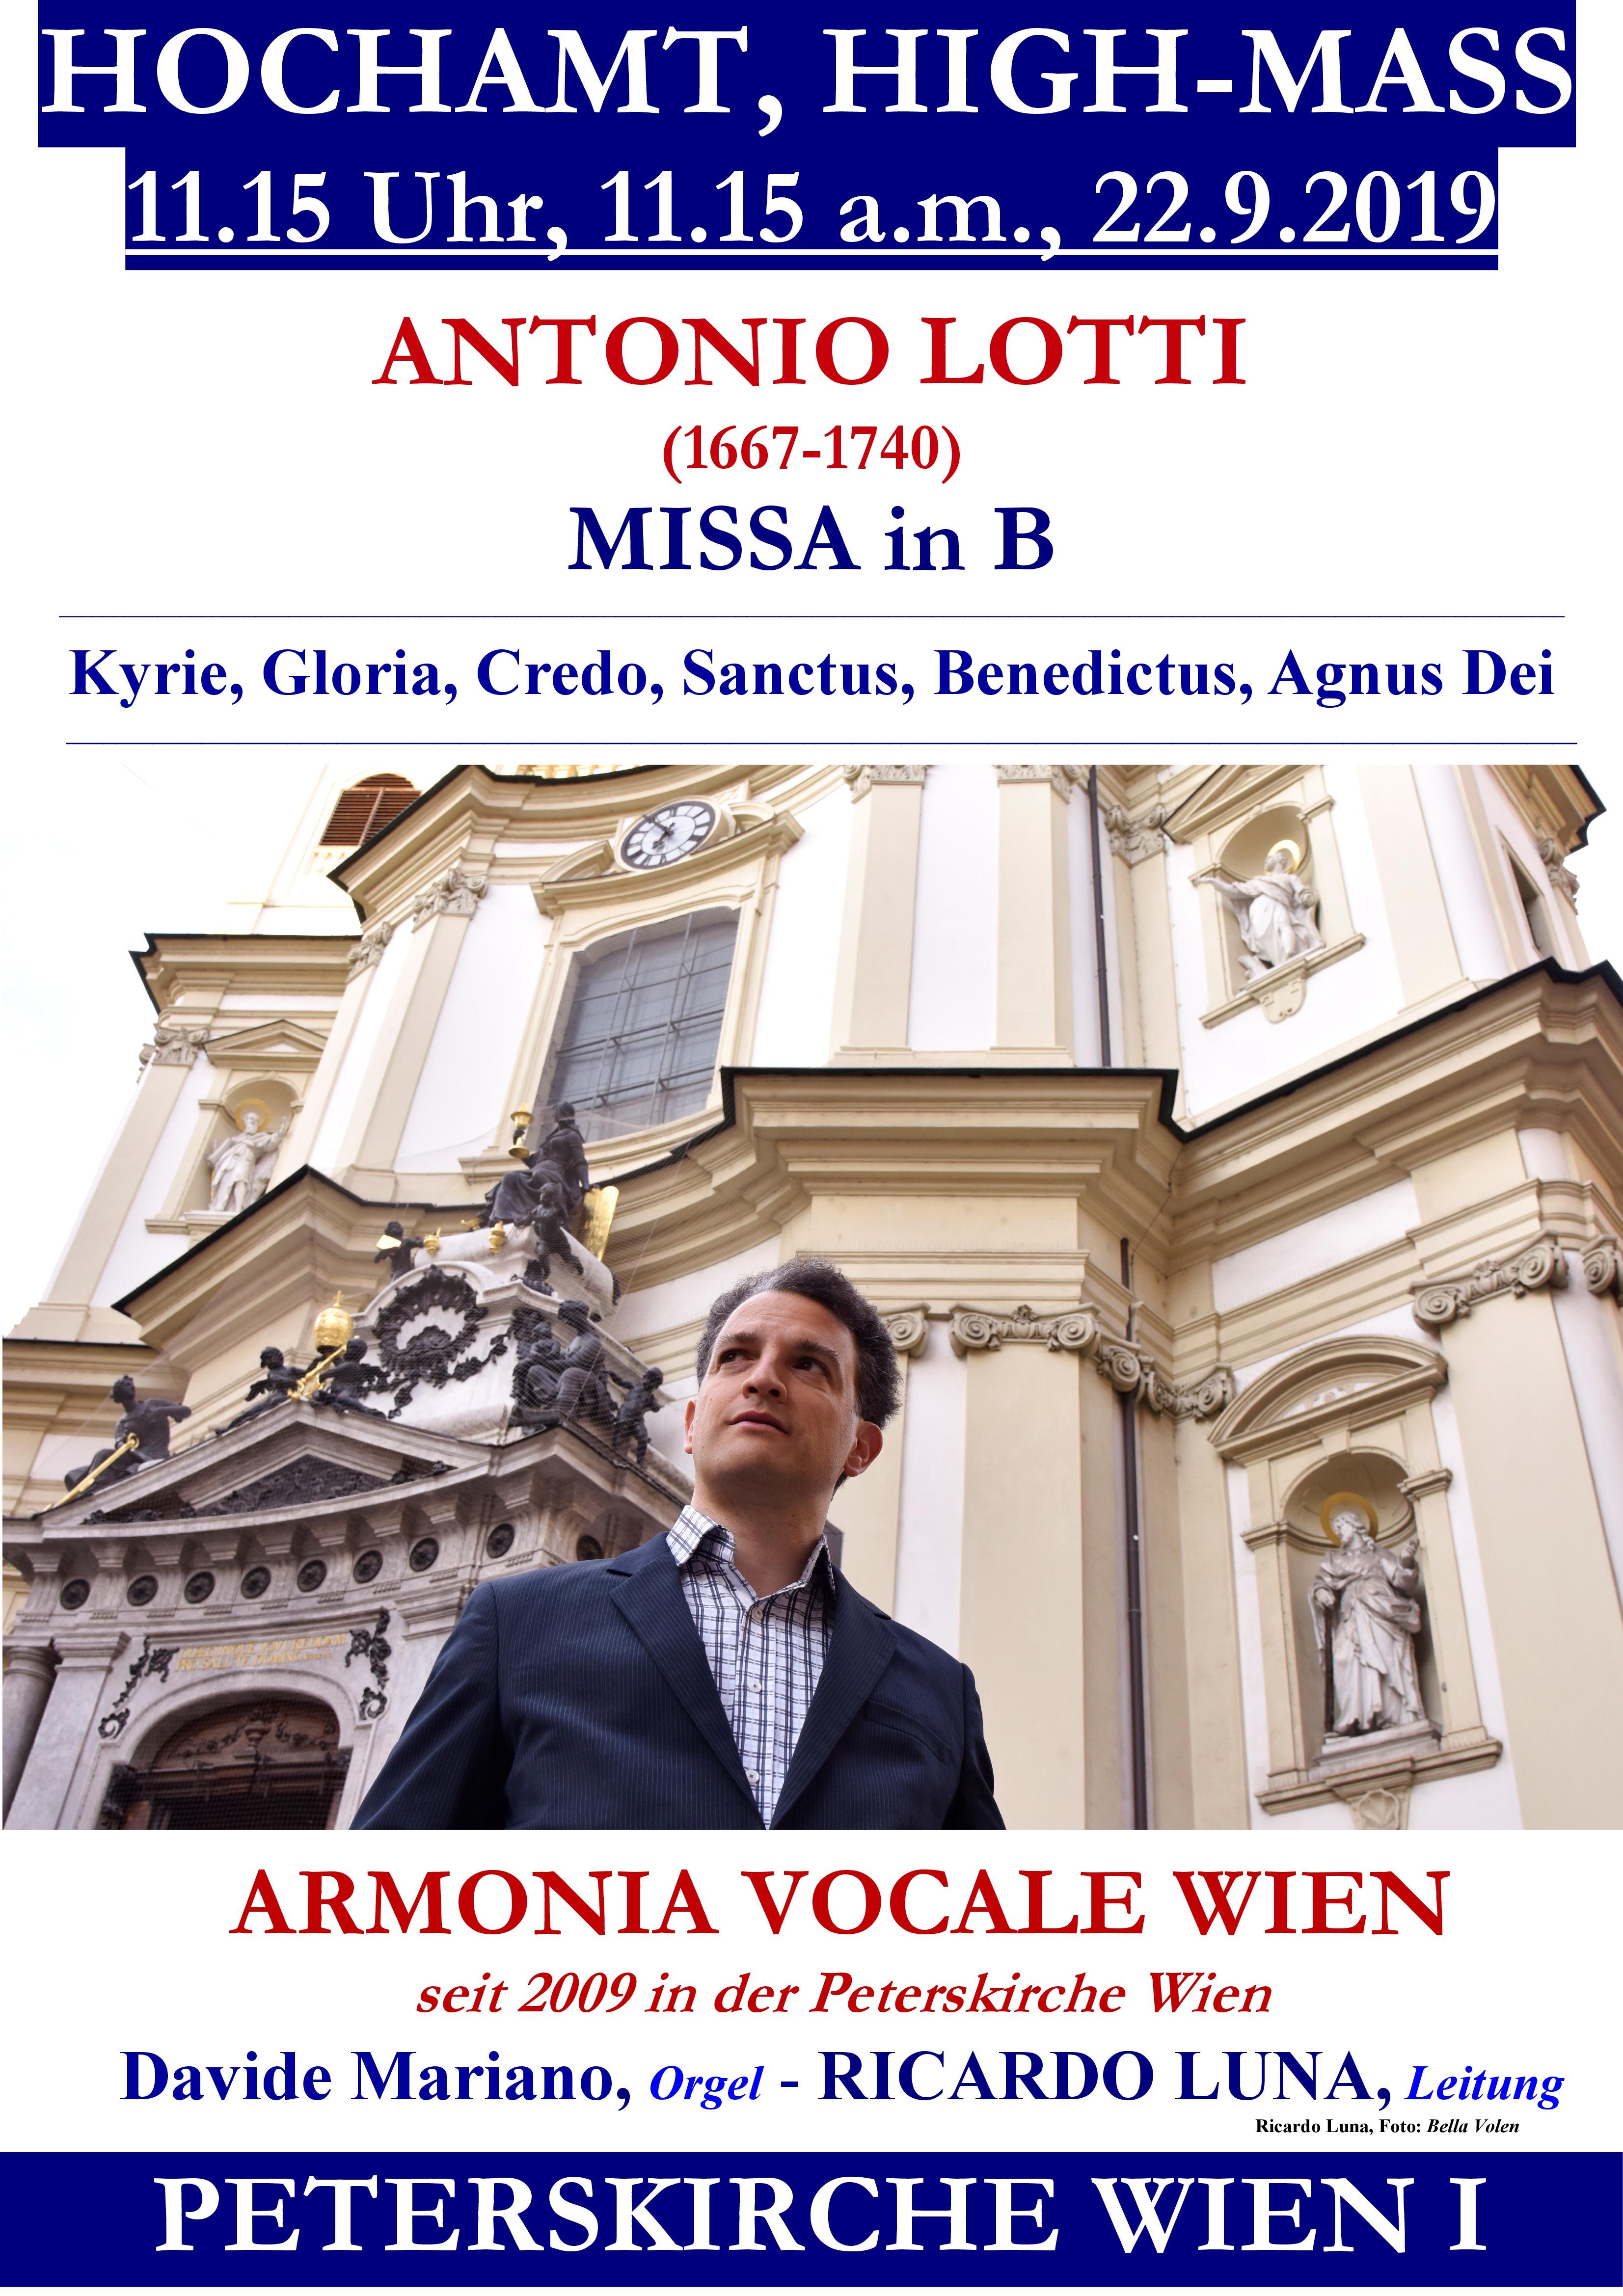 HOCHAMT Armonia_Vocale_22.9